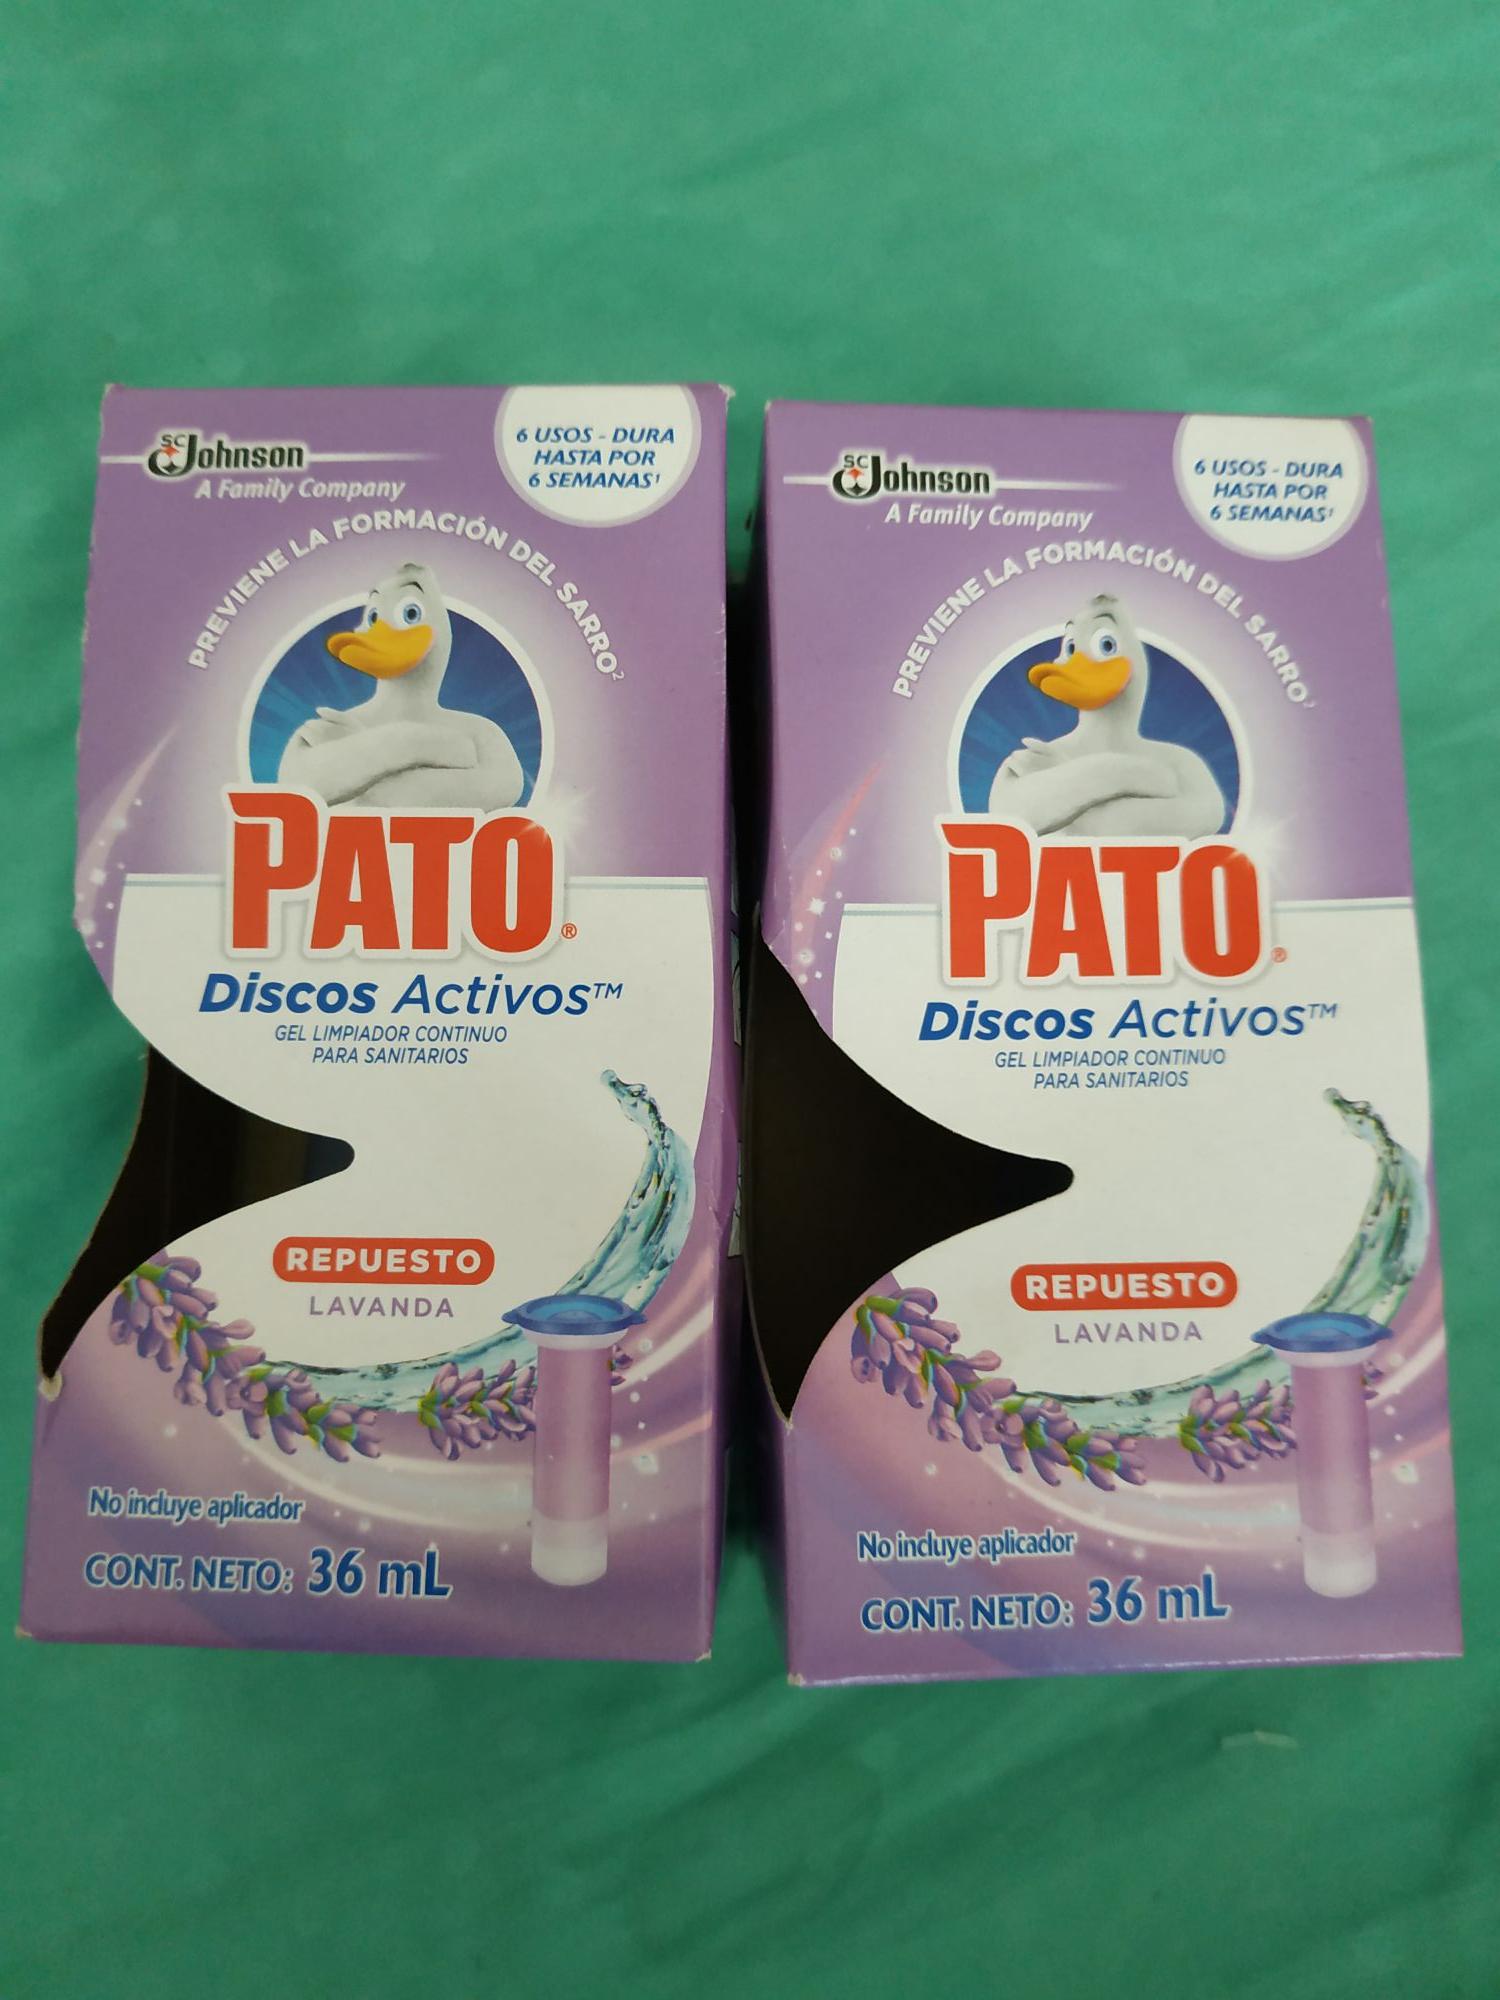 CHEDRAUI Veracruz. Pato repuestos discos activos lavanda $5.90, y más ofertas.